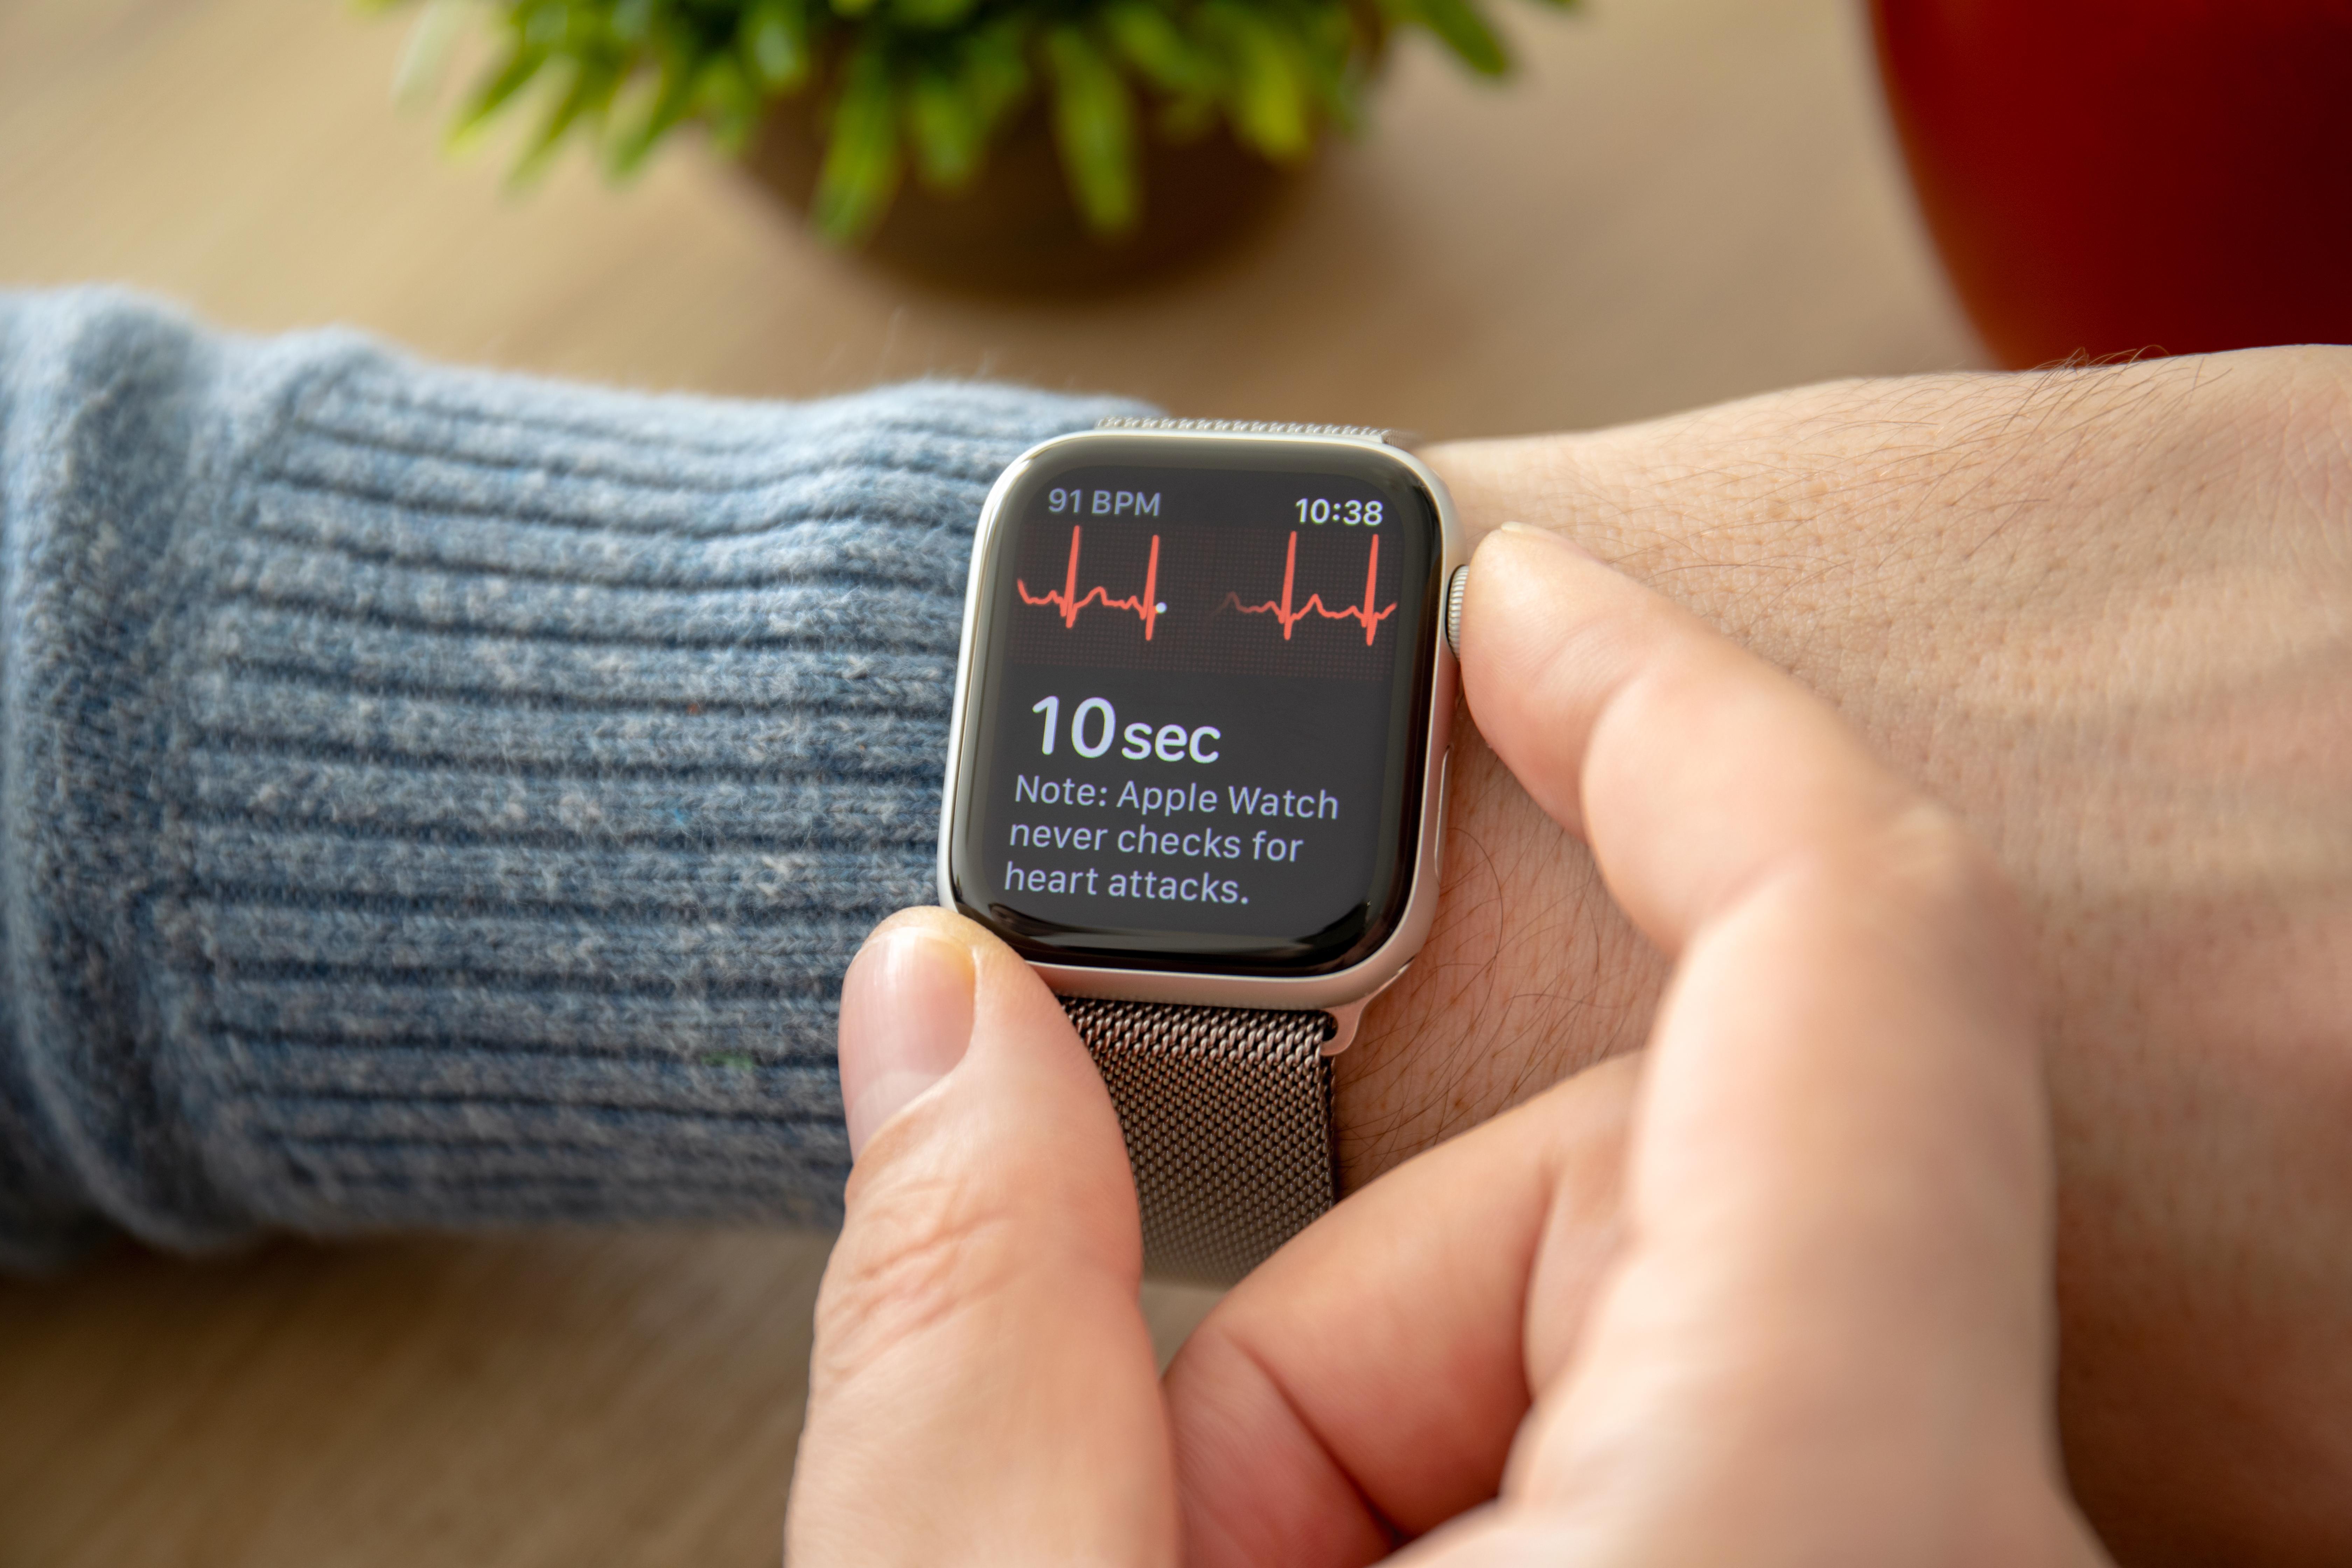 """Smarta klockor hör till kategorin """"wearable tech"""", bärbar teknik, och har visat sig användbart i flera hälso- och medicinrelaterade situationer."""